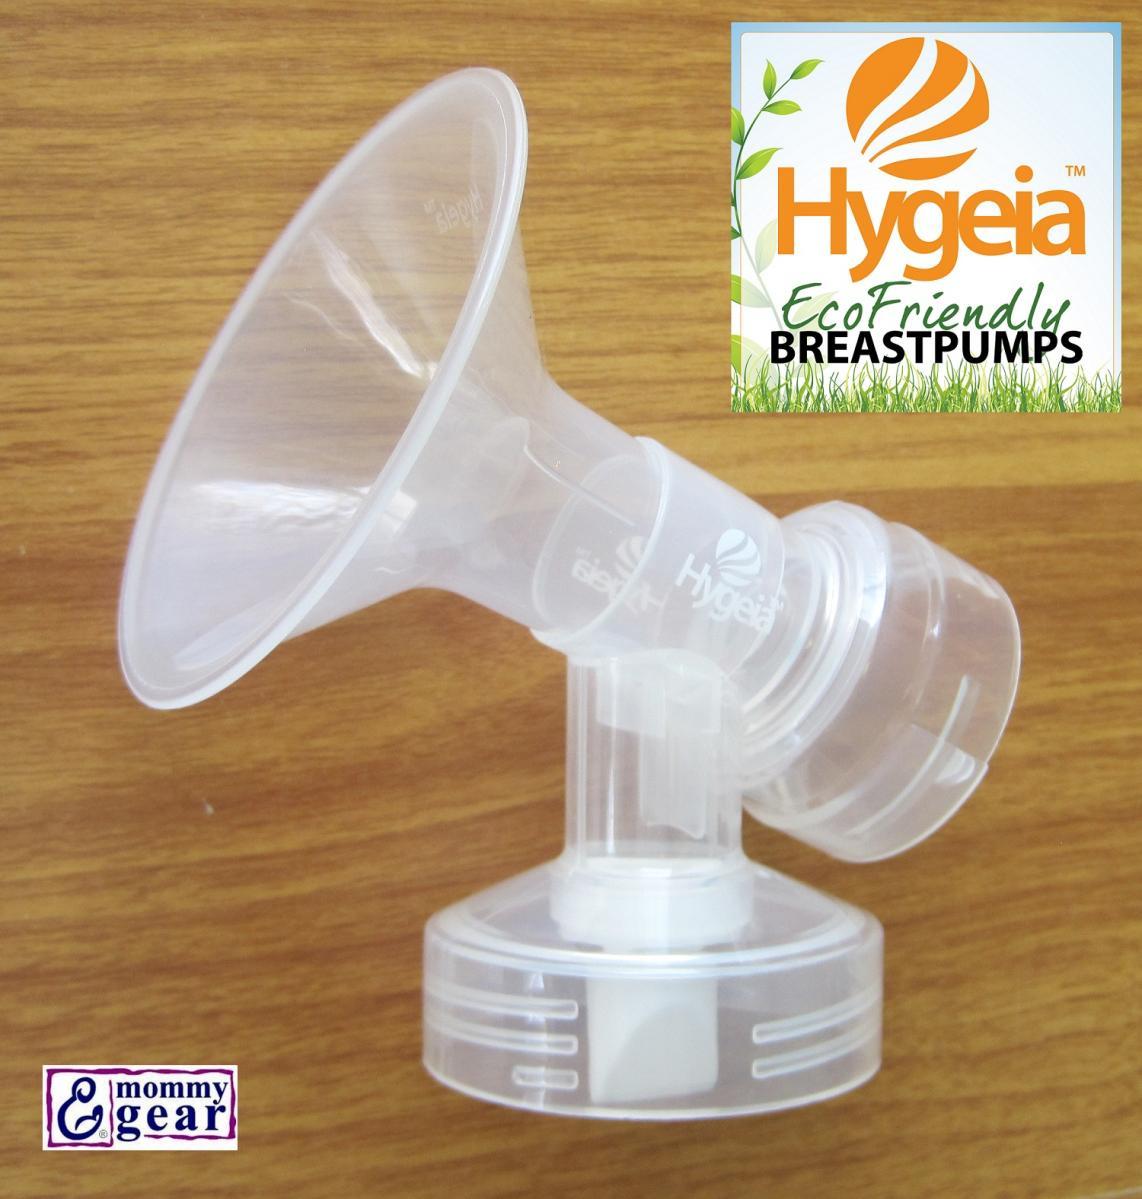 hygeia-flange-27.jpg